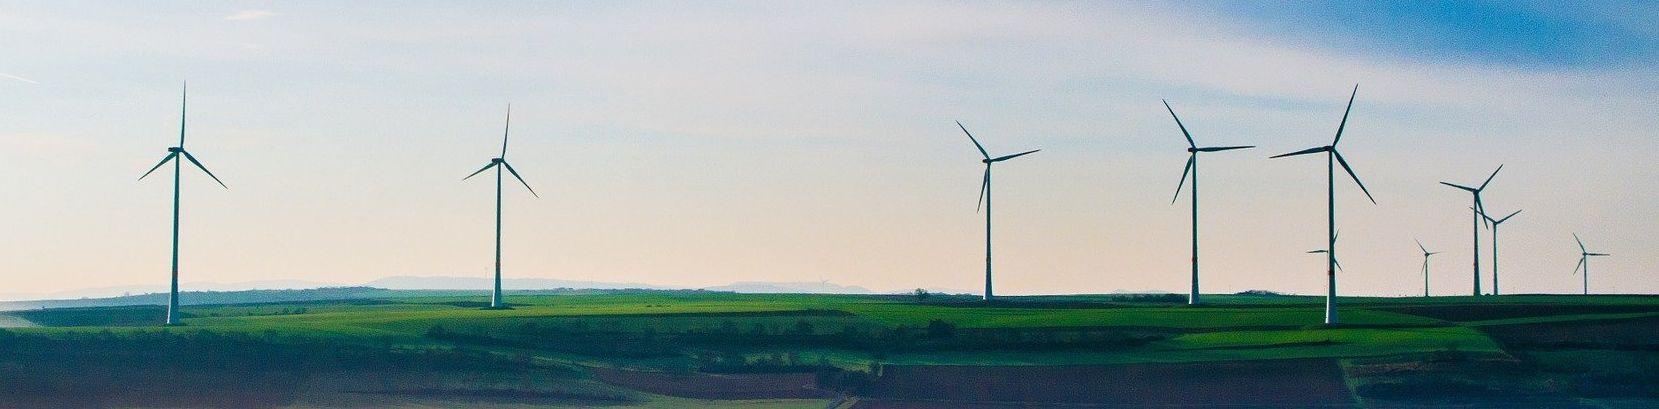 AleaSoft - wind energy turbines park